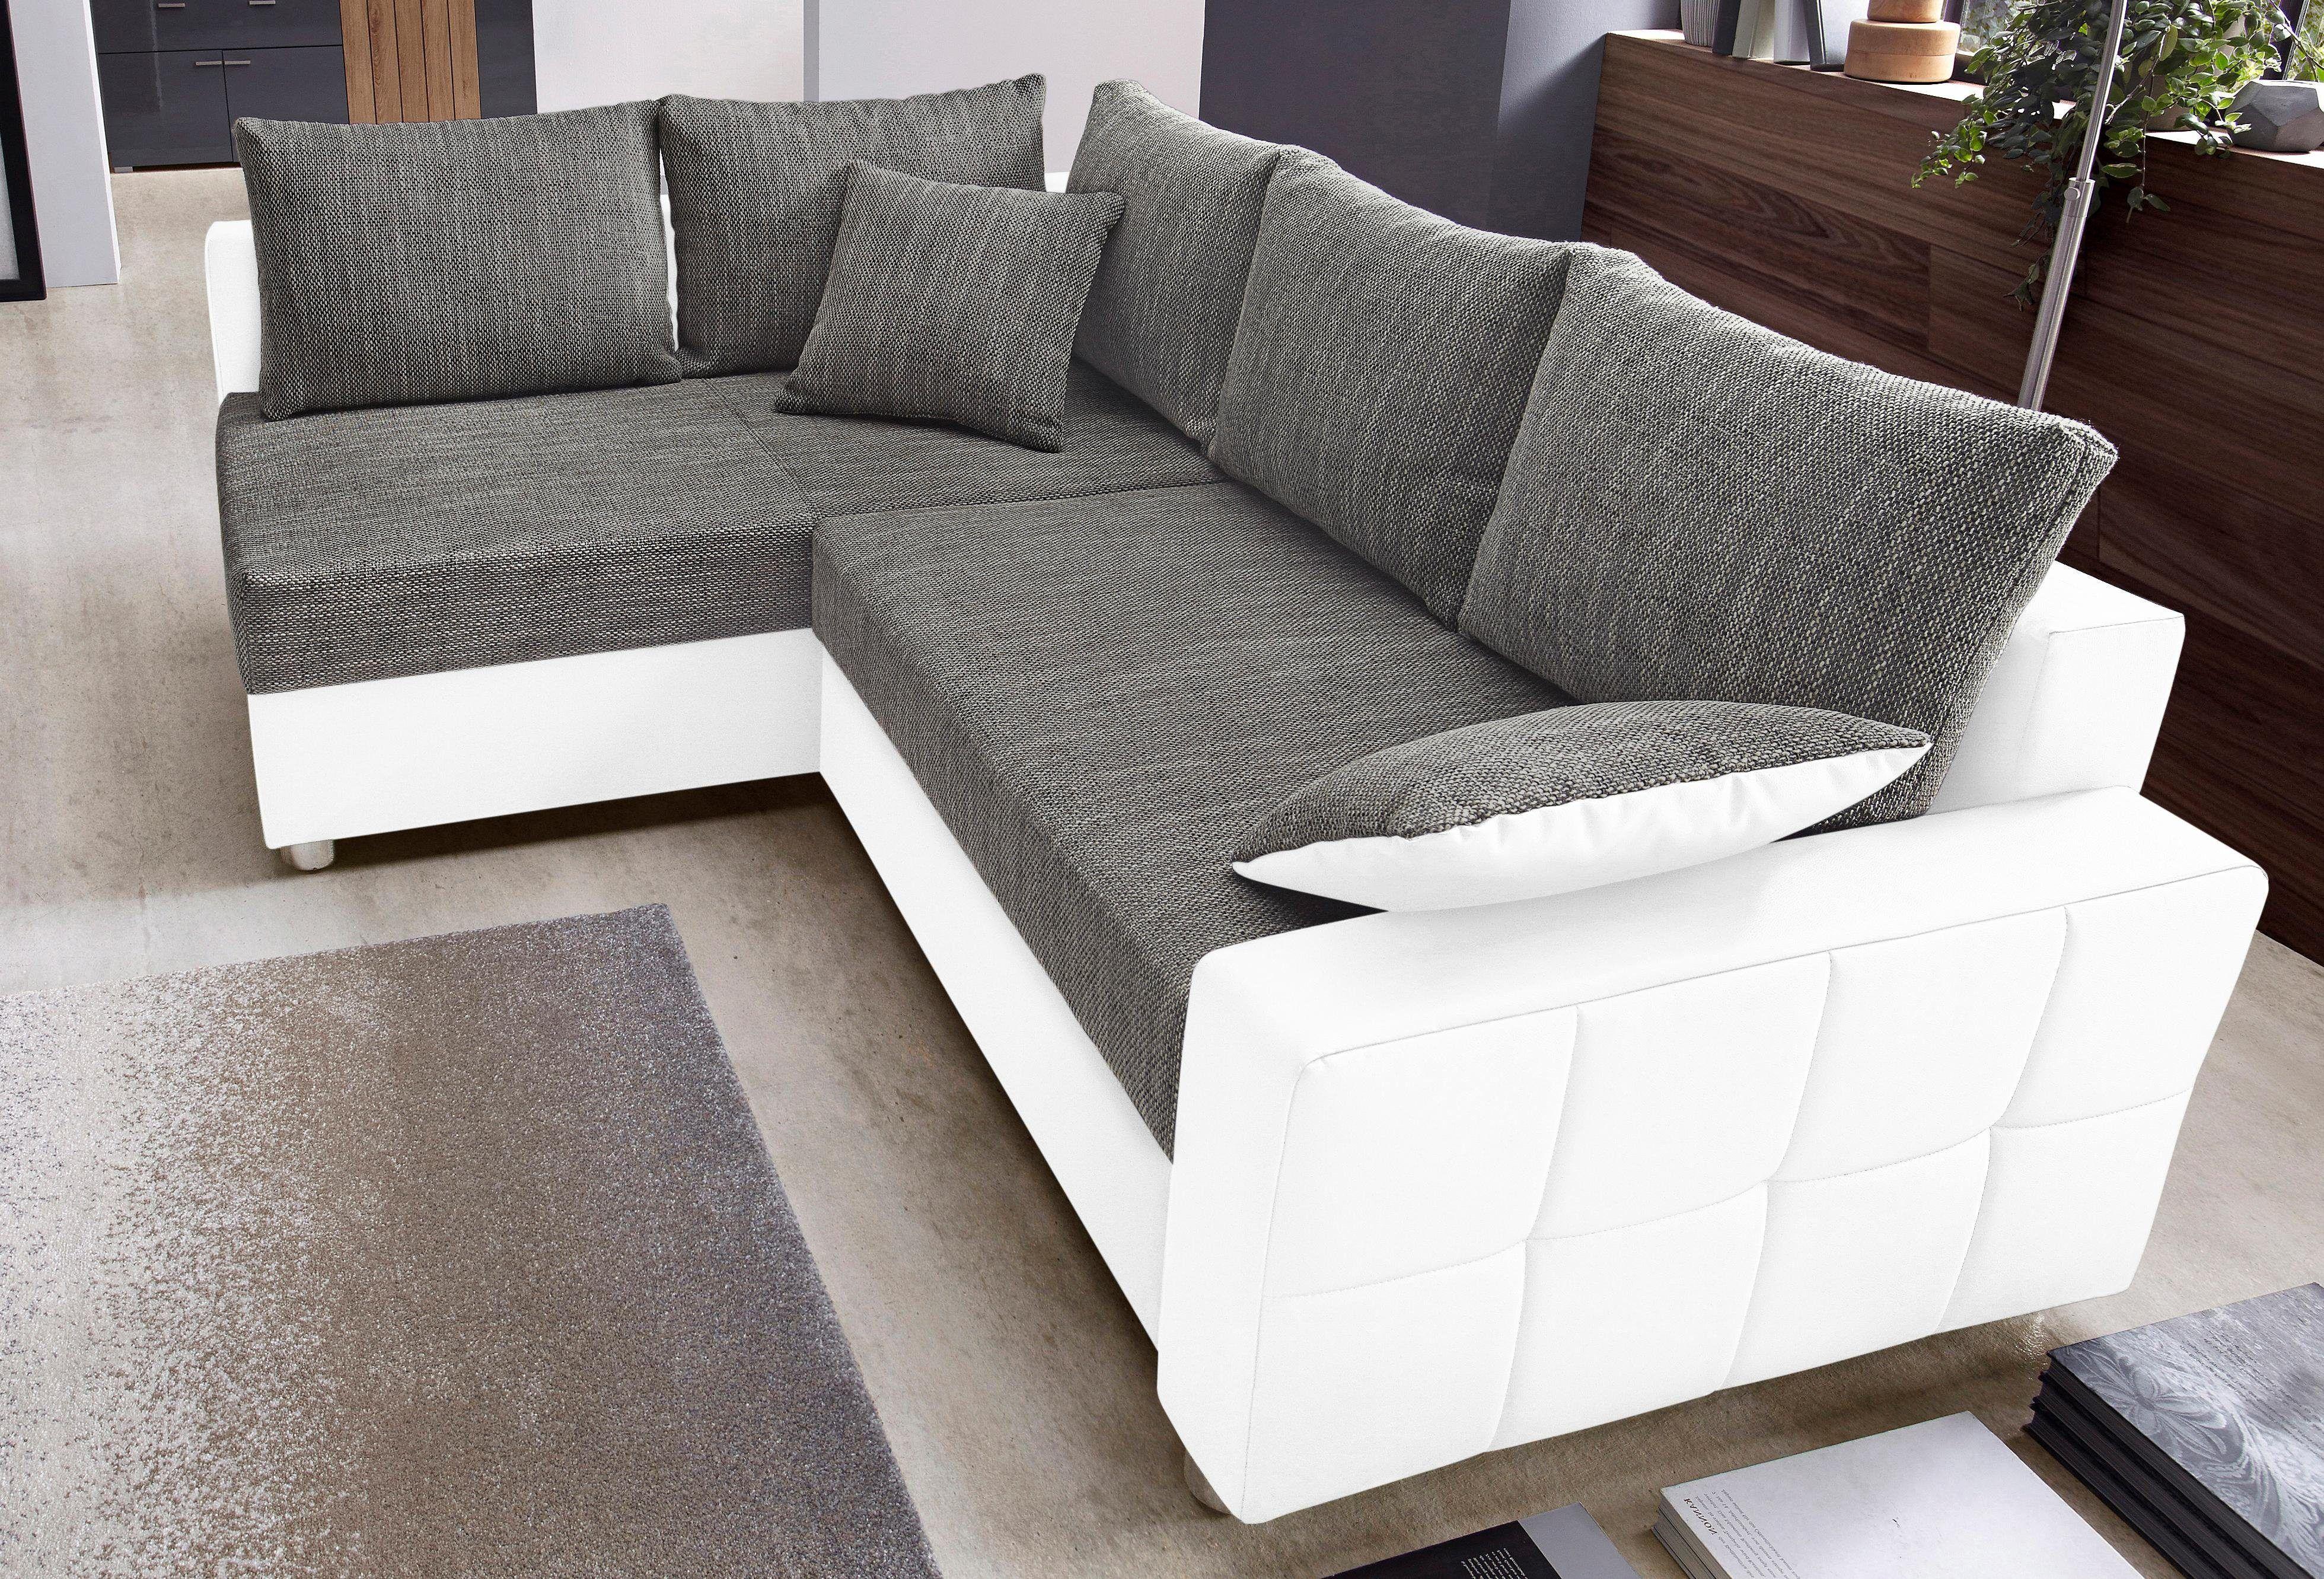 schlafsofa mit ottomane und bettkasten recamiere roger x. Black Bedroom Furniture Sets. Home Design Ideas